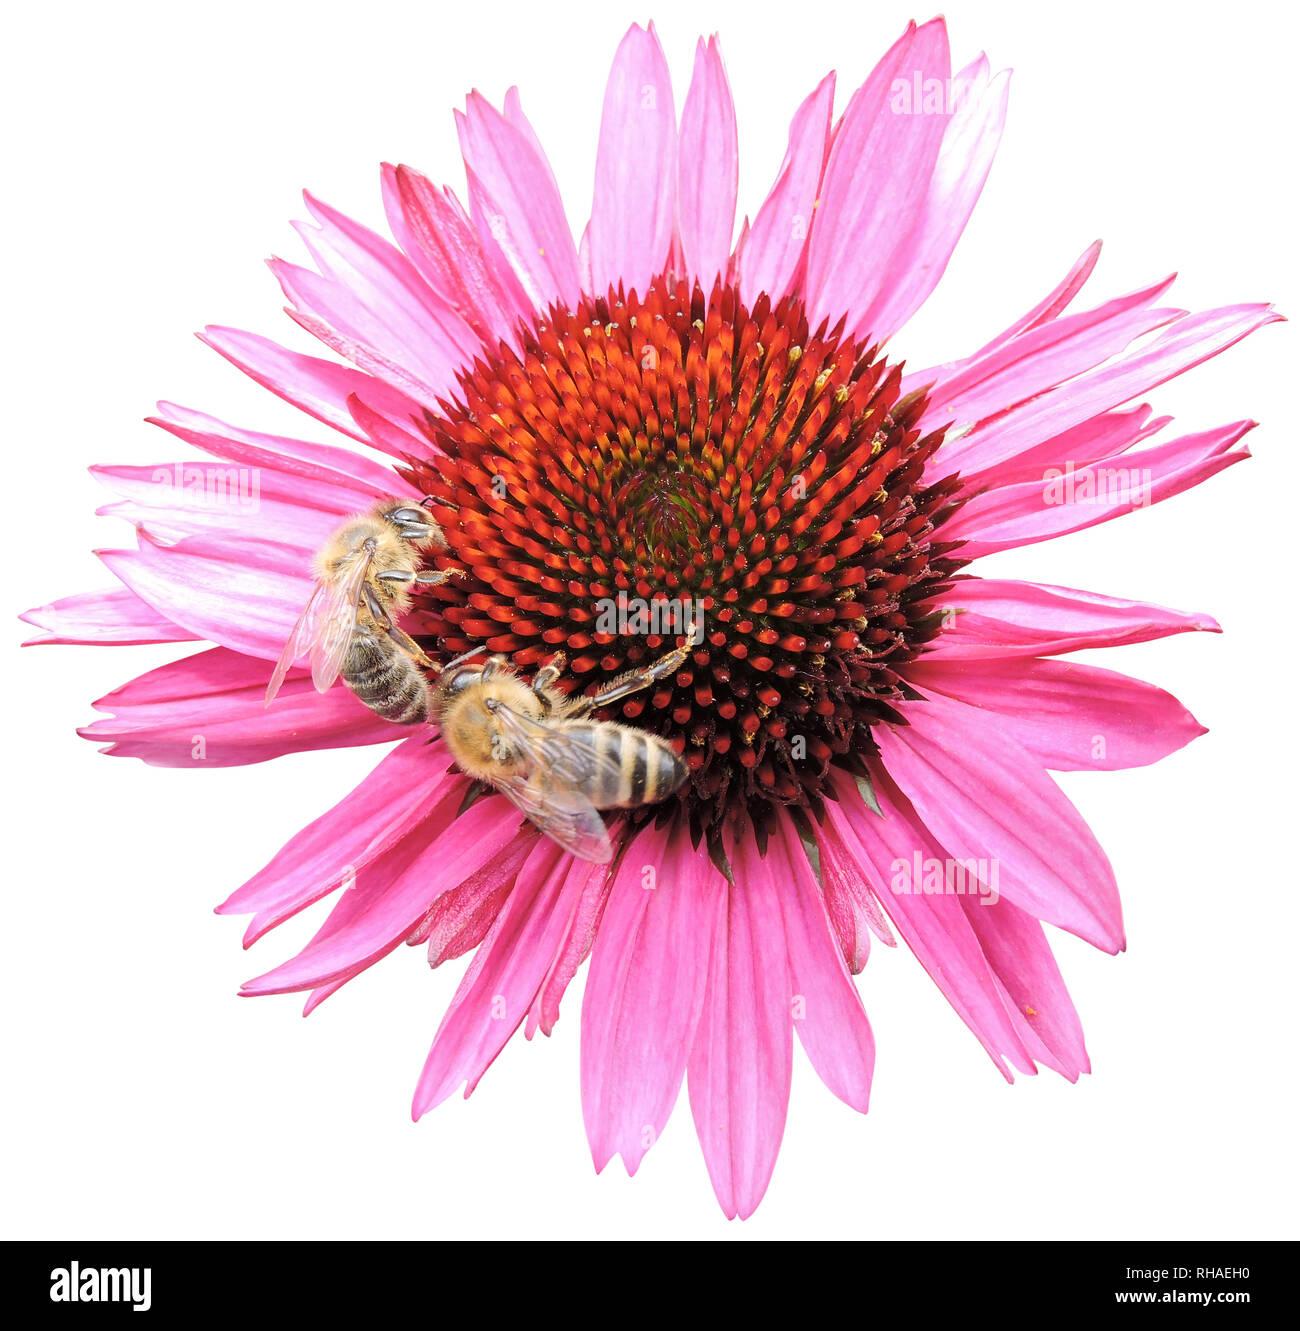 Purpur-Sonnenhut (Echinacea purpurea), Knospe mit Biene (Honigbiene, Apis mellifera) Stock Photo